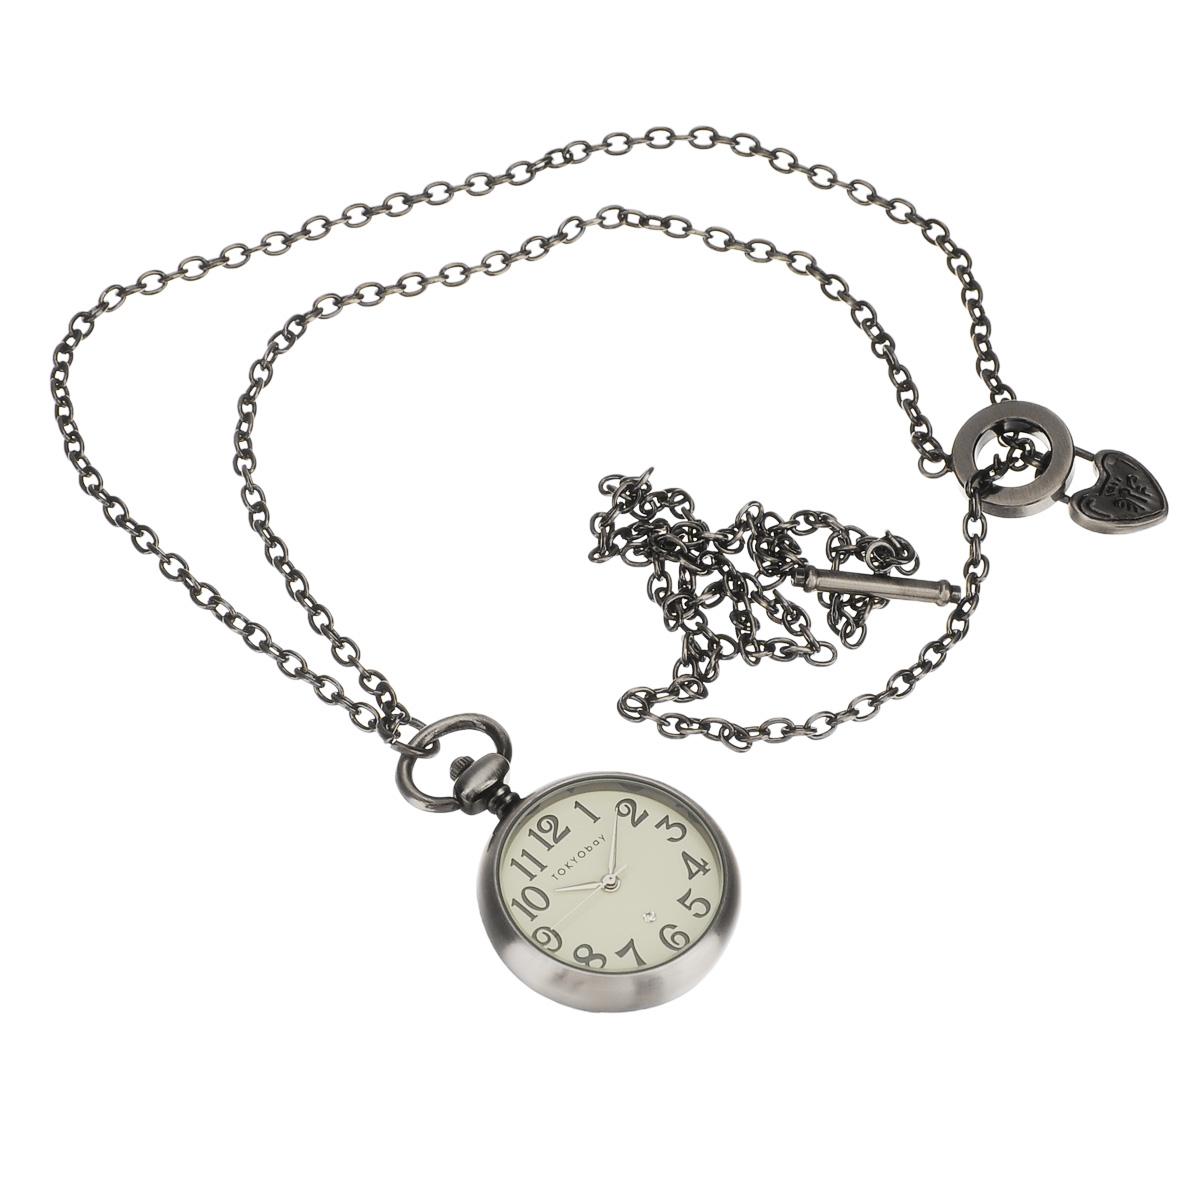 Часы женские наручные Tokyobay Classic Claire White Pendant. T110-WHT110-WHНаручные часы Tokyobay - это стильное дополнение к вашему неповторимому образу. Эти часы созданы для современных девушек, ценящих стиль, качество и практичность. Часы оснащены японским кварцевым механизмом Miyota. Корпус выполнен из металла, не содержащего никель. Задняя крышка изготовлена из нержавеющей стали. Циферблат декорирован арабскими цифрами и маленьким сверкающим стразом. Циферблат без отметок, имеет три стрелки - часовую, минутную и секундную, защищен ударопрочным оптическим. Браслет выполнен из металлического сплава в виде цепочки. Часы Tokyobay - это практичный и модный аксессуар, который подчеркнет ваш безупречный вкус. Характеристики: Корпус: 31 х 31 х 7 мм. Размер цепочки: 40х 0,3 см. Не водостойкие.